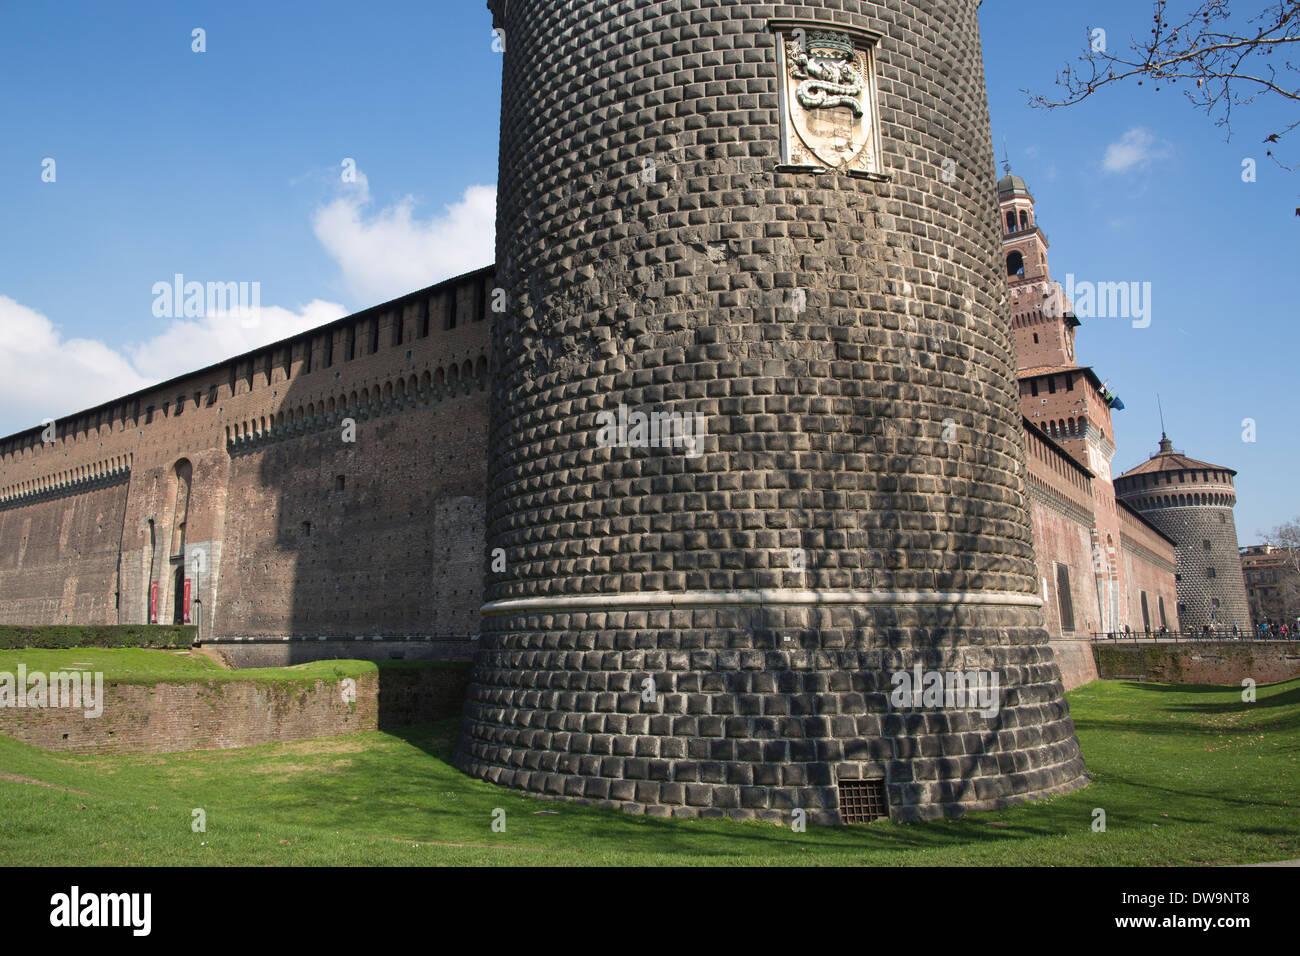 Castello Sforzesco, Sforza Castle, built in the 15th century by Francesco Sforza, Milano, Milan, Italy - Stock Image